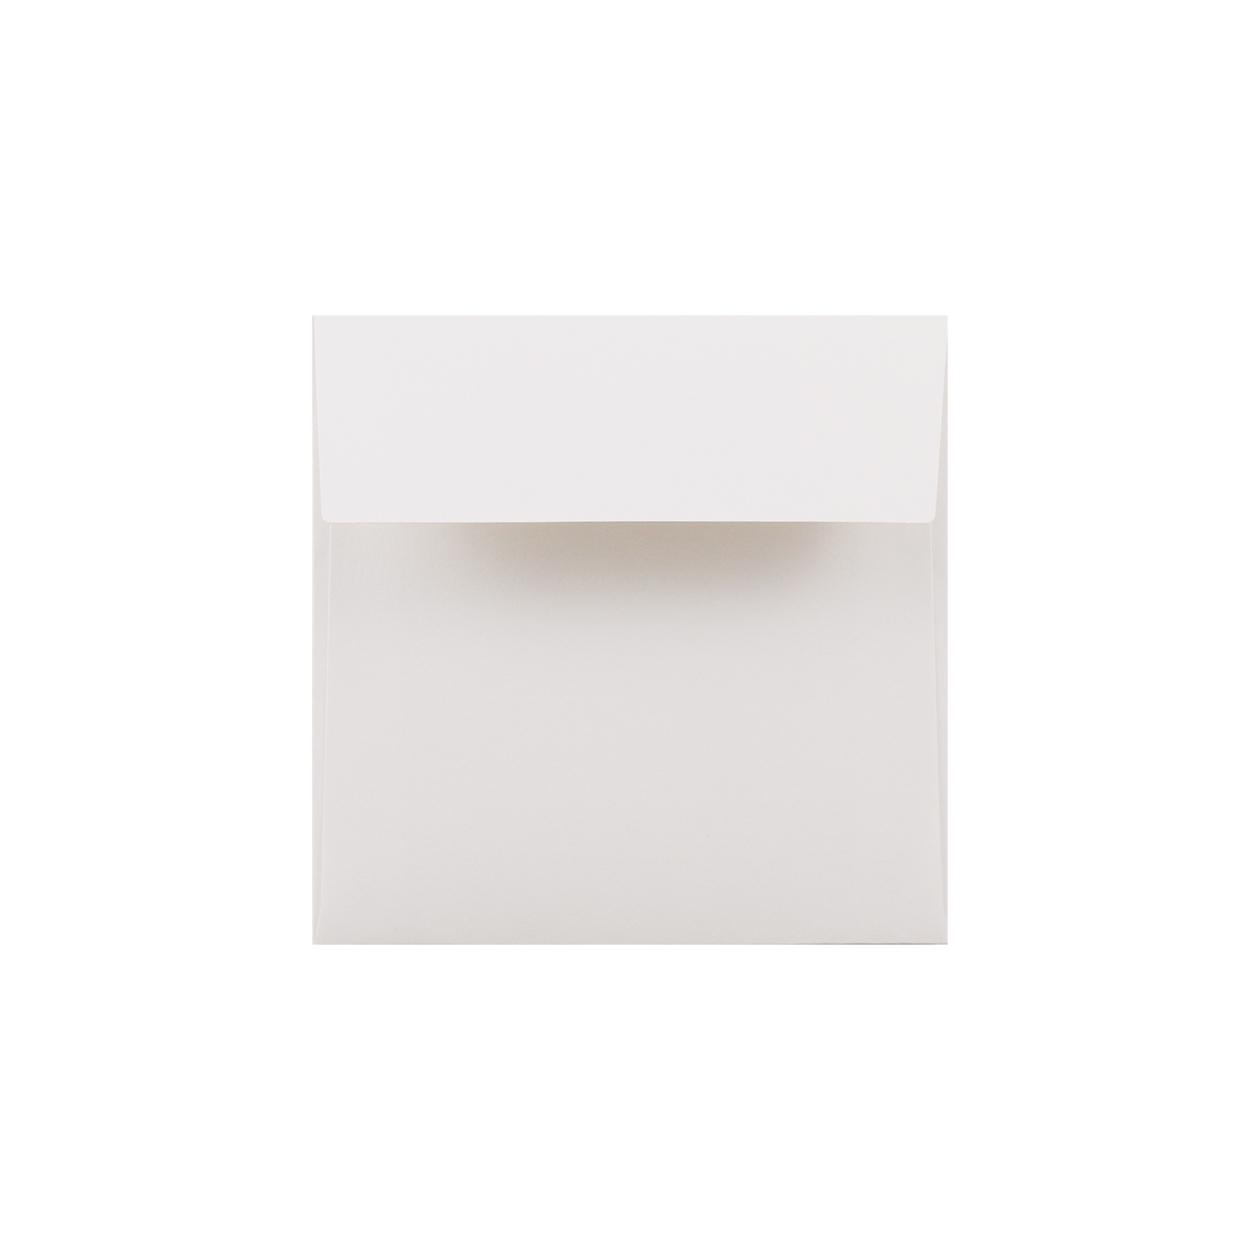 SE12.5カマス封筒 HAGURUMA Basic プレインホワイト 100g